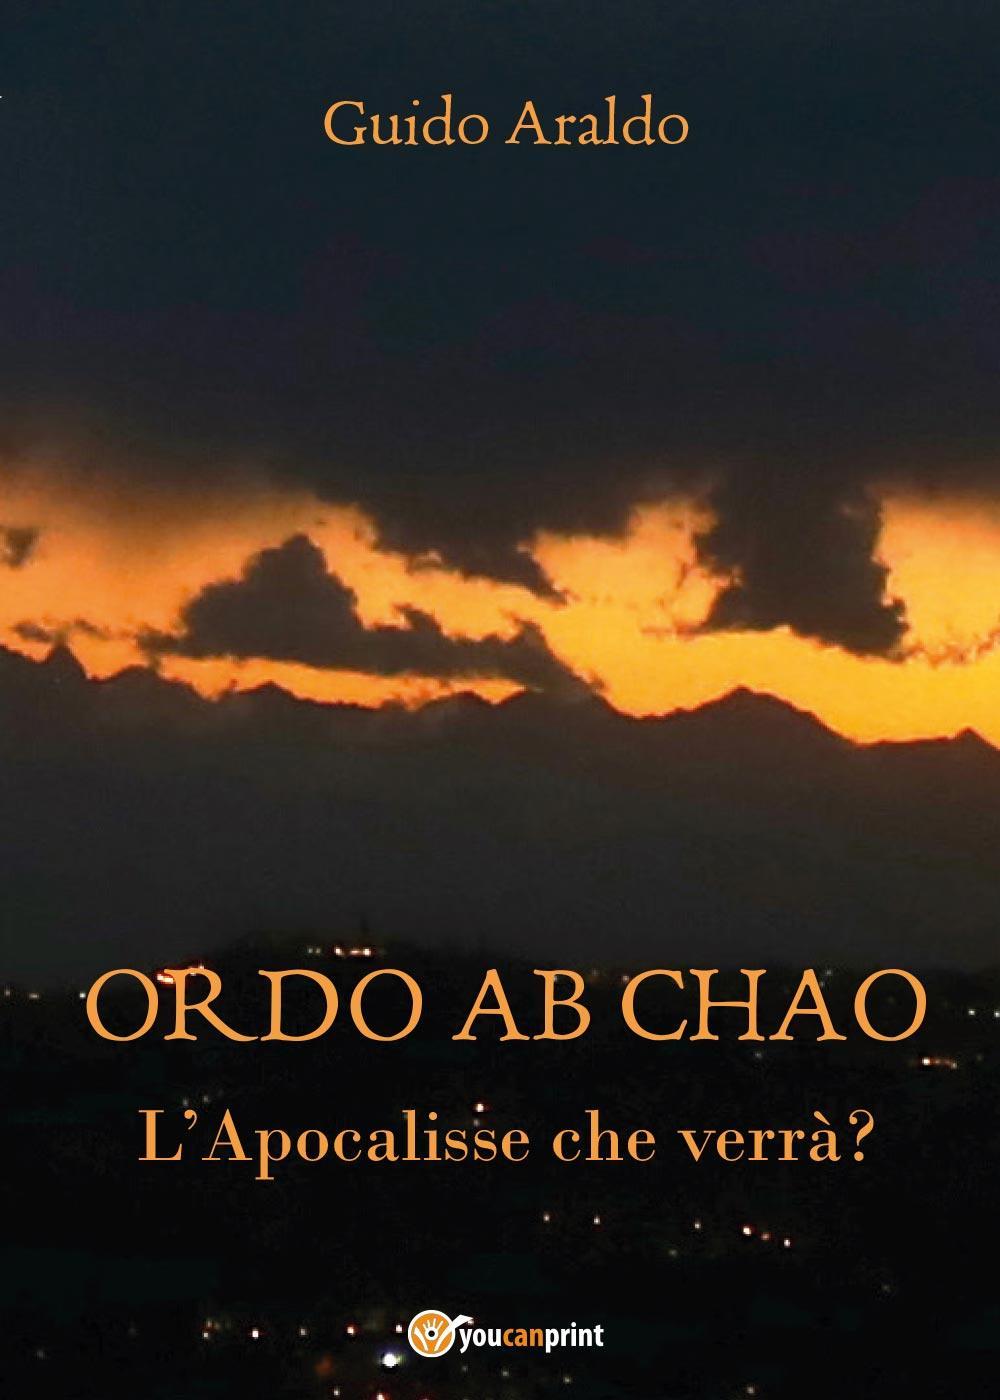 ORDO ab CHAO - L'Apocalisse che verrà?